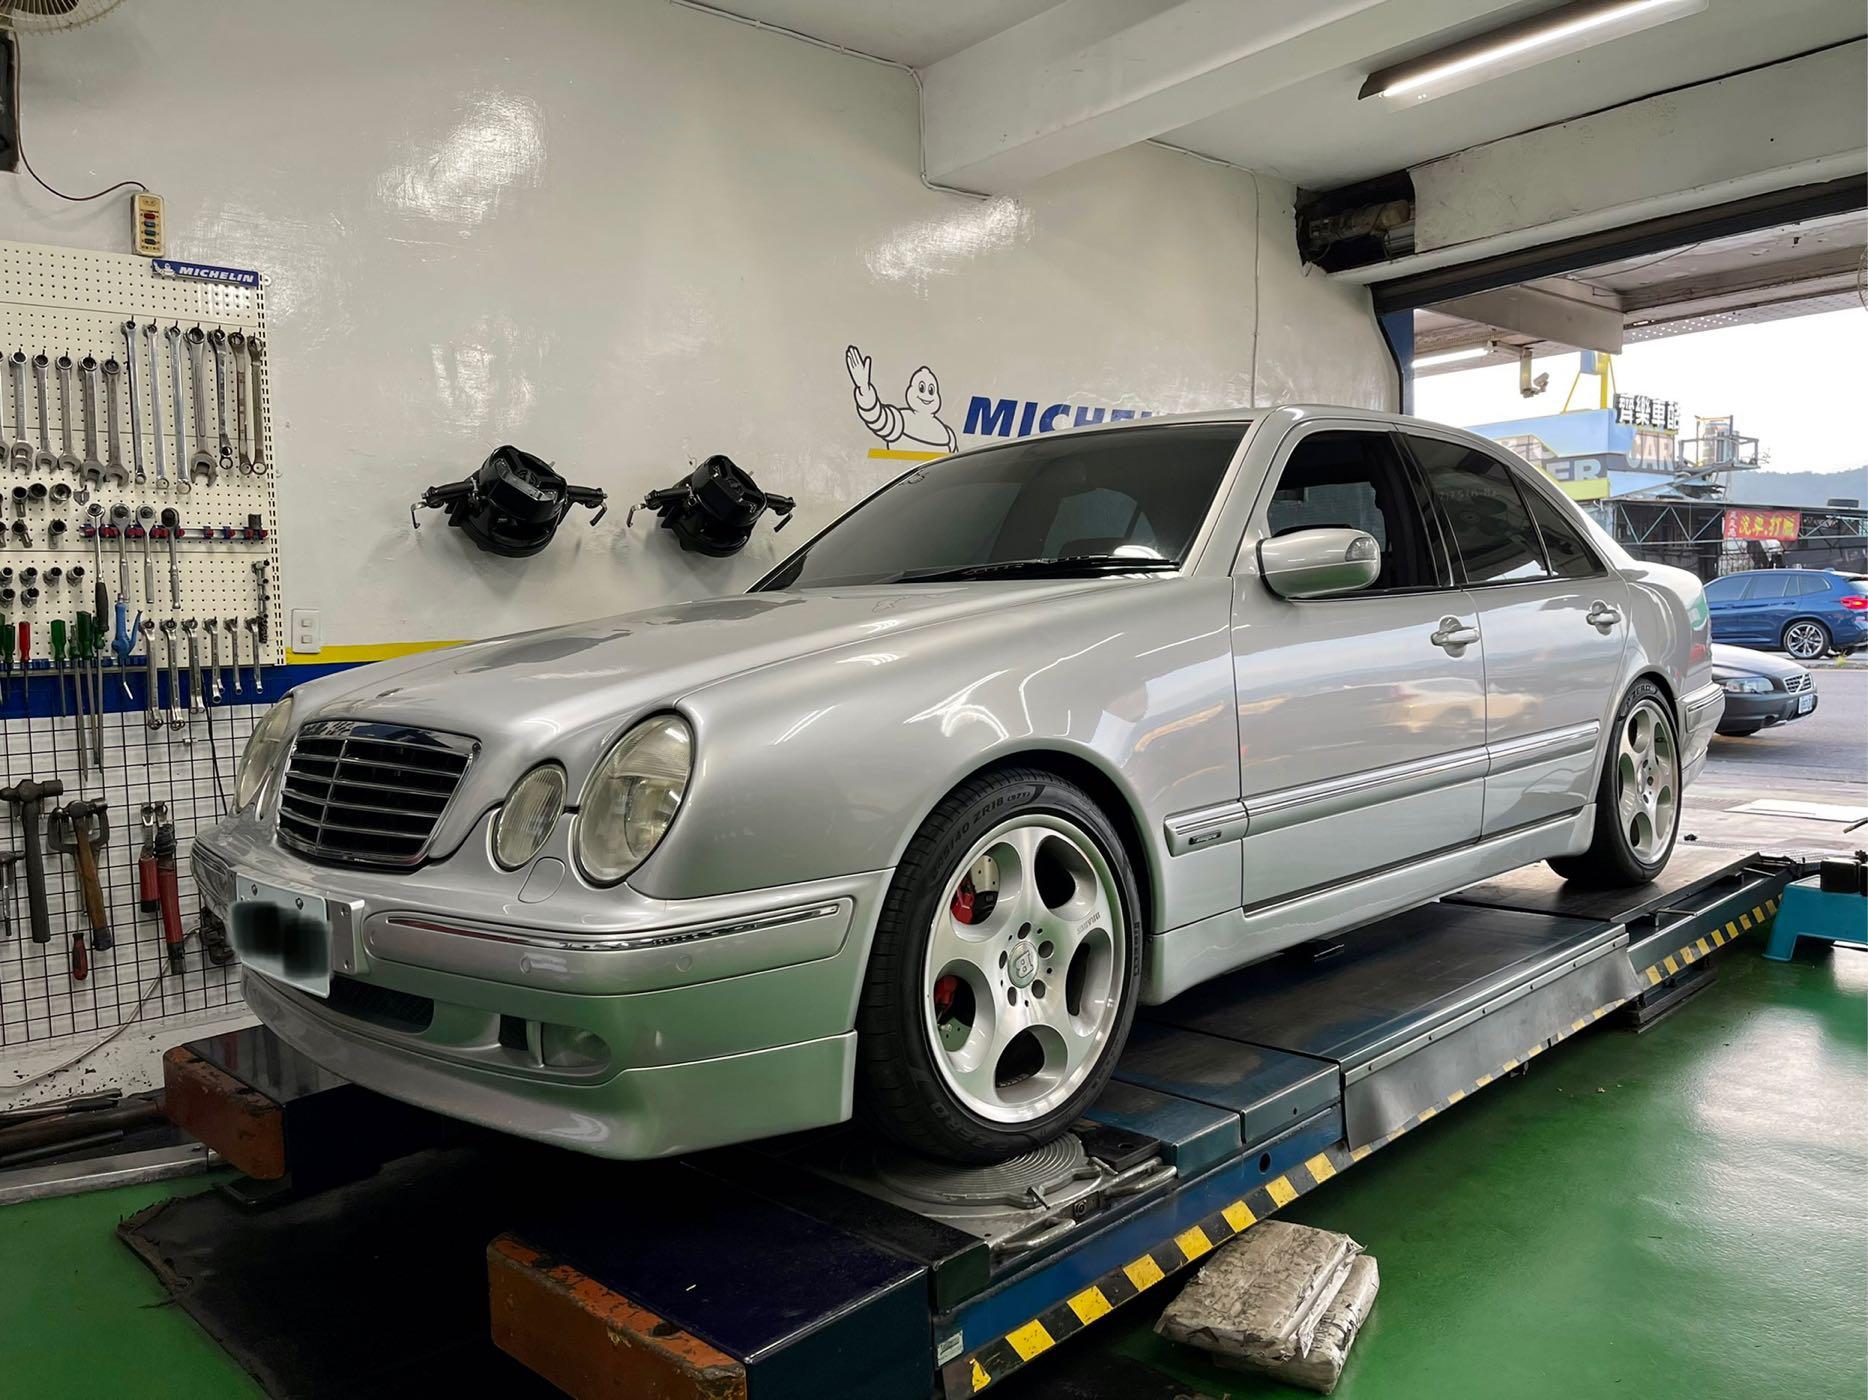 車況優 買回去不用改 2002年 賓士 W210 E280 V6 Avantgarde 18吋BRABUS原漆拋光鋁圈 BRABUS排氣管 AP9040對六卡鉗